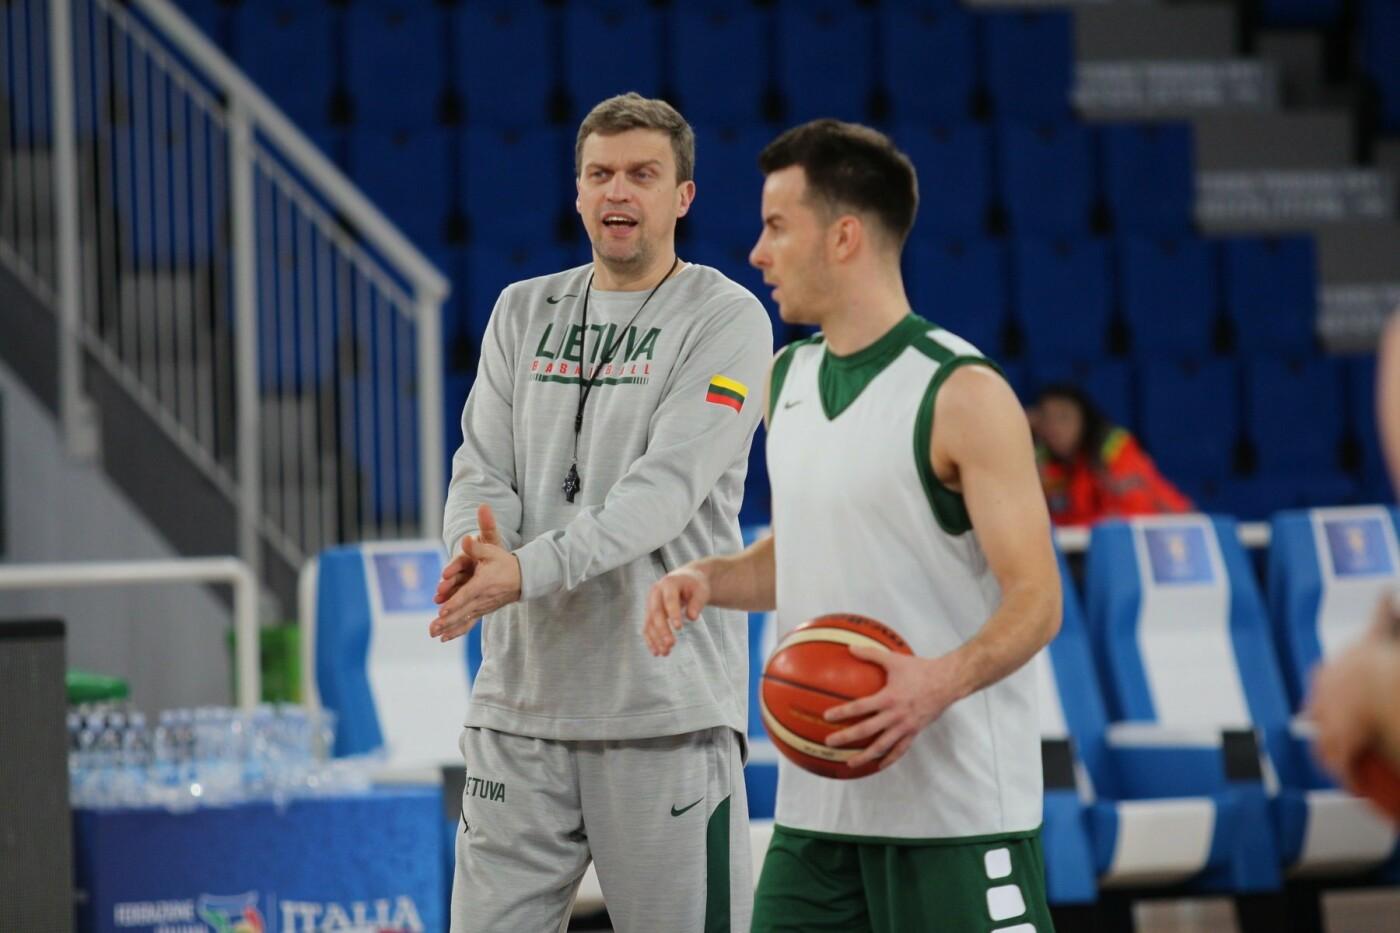 Lietuvos vyrų krepšinio rinktinė surengė vienintelę treniruotę Italijoje, nuotrauka-22